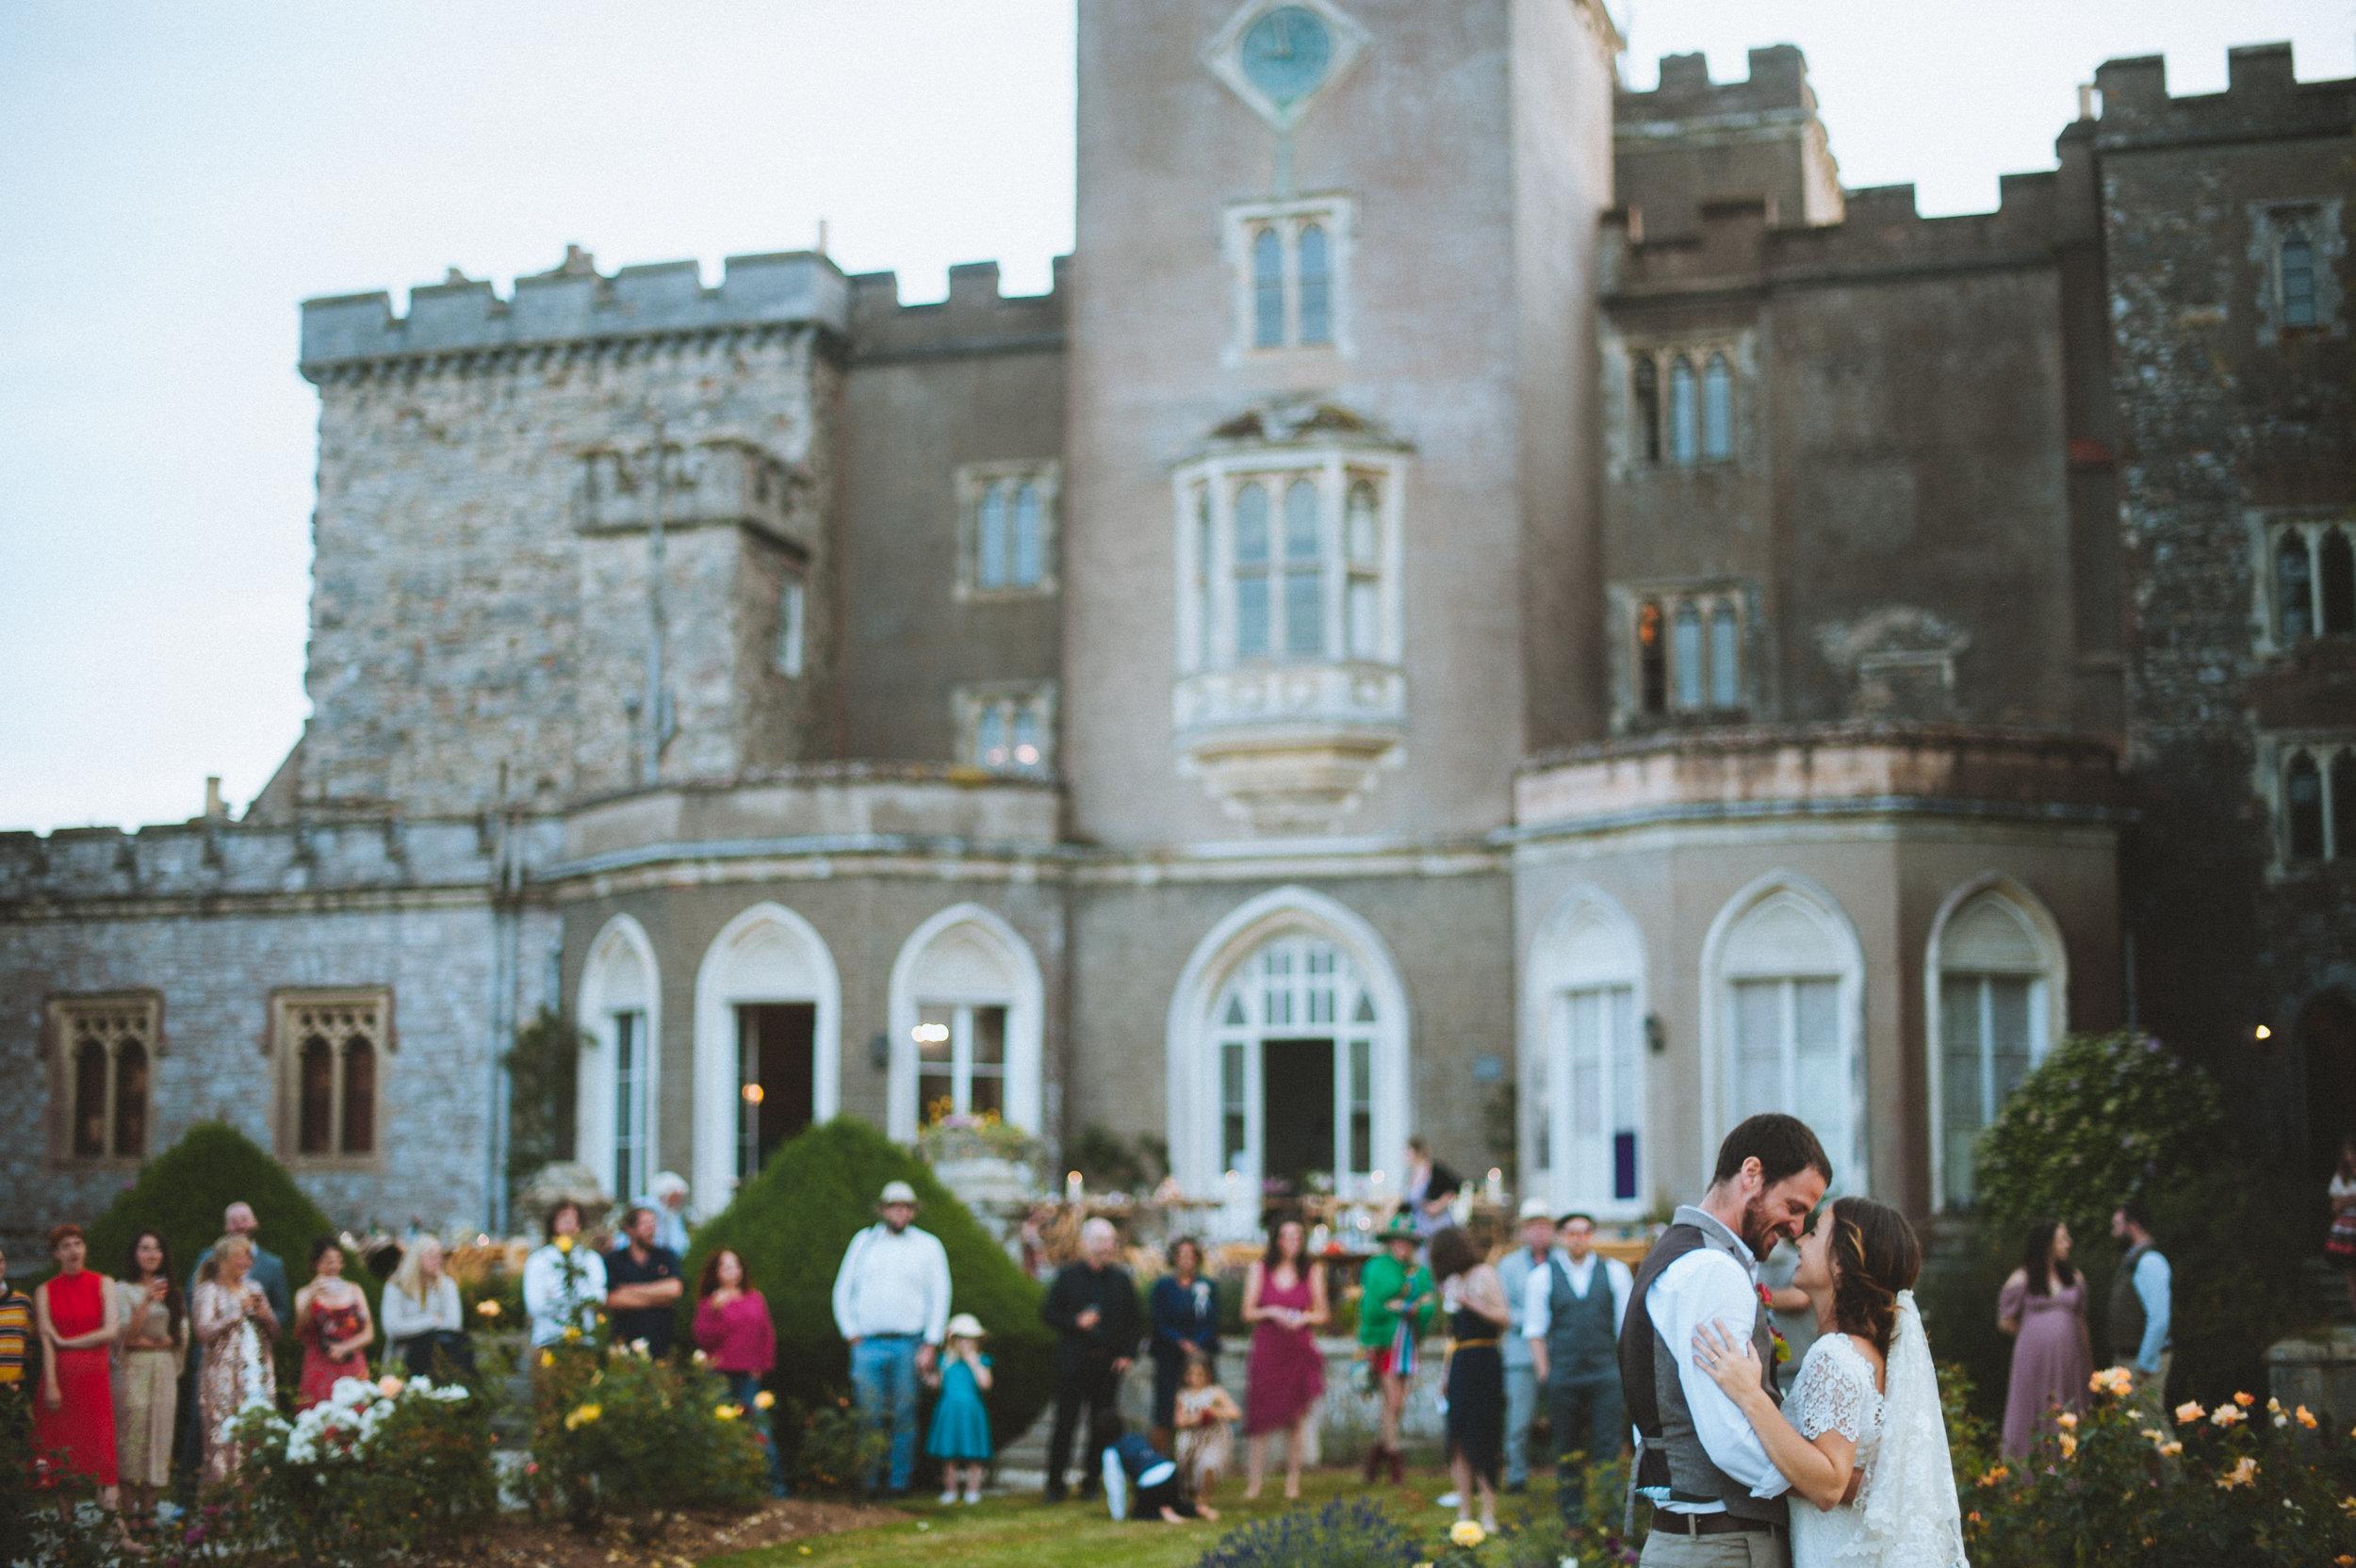 powderham castle wedding 32.jpg